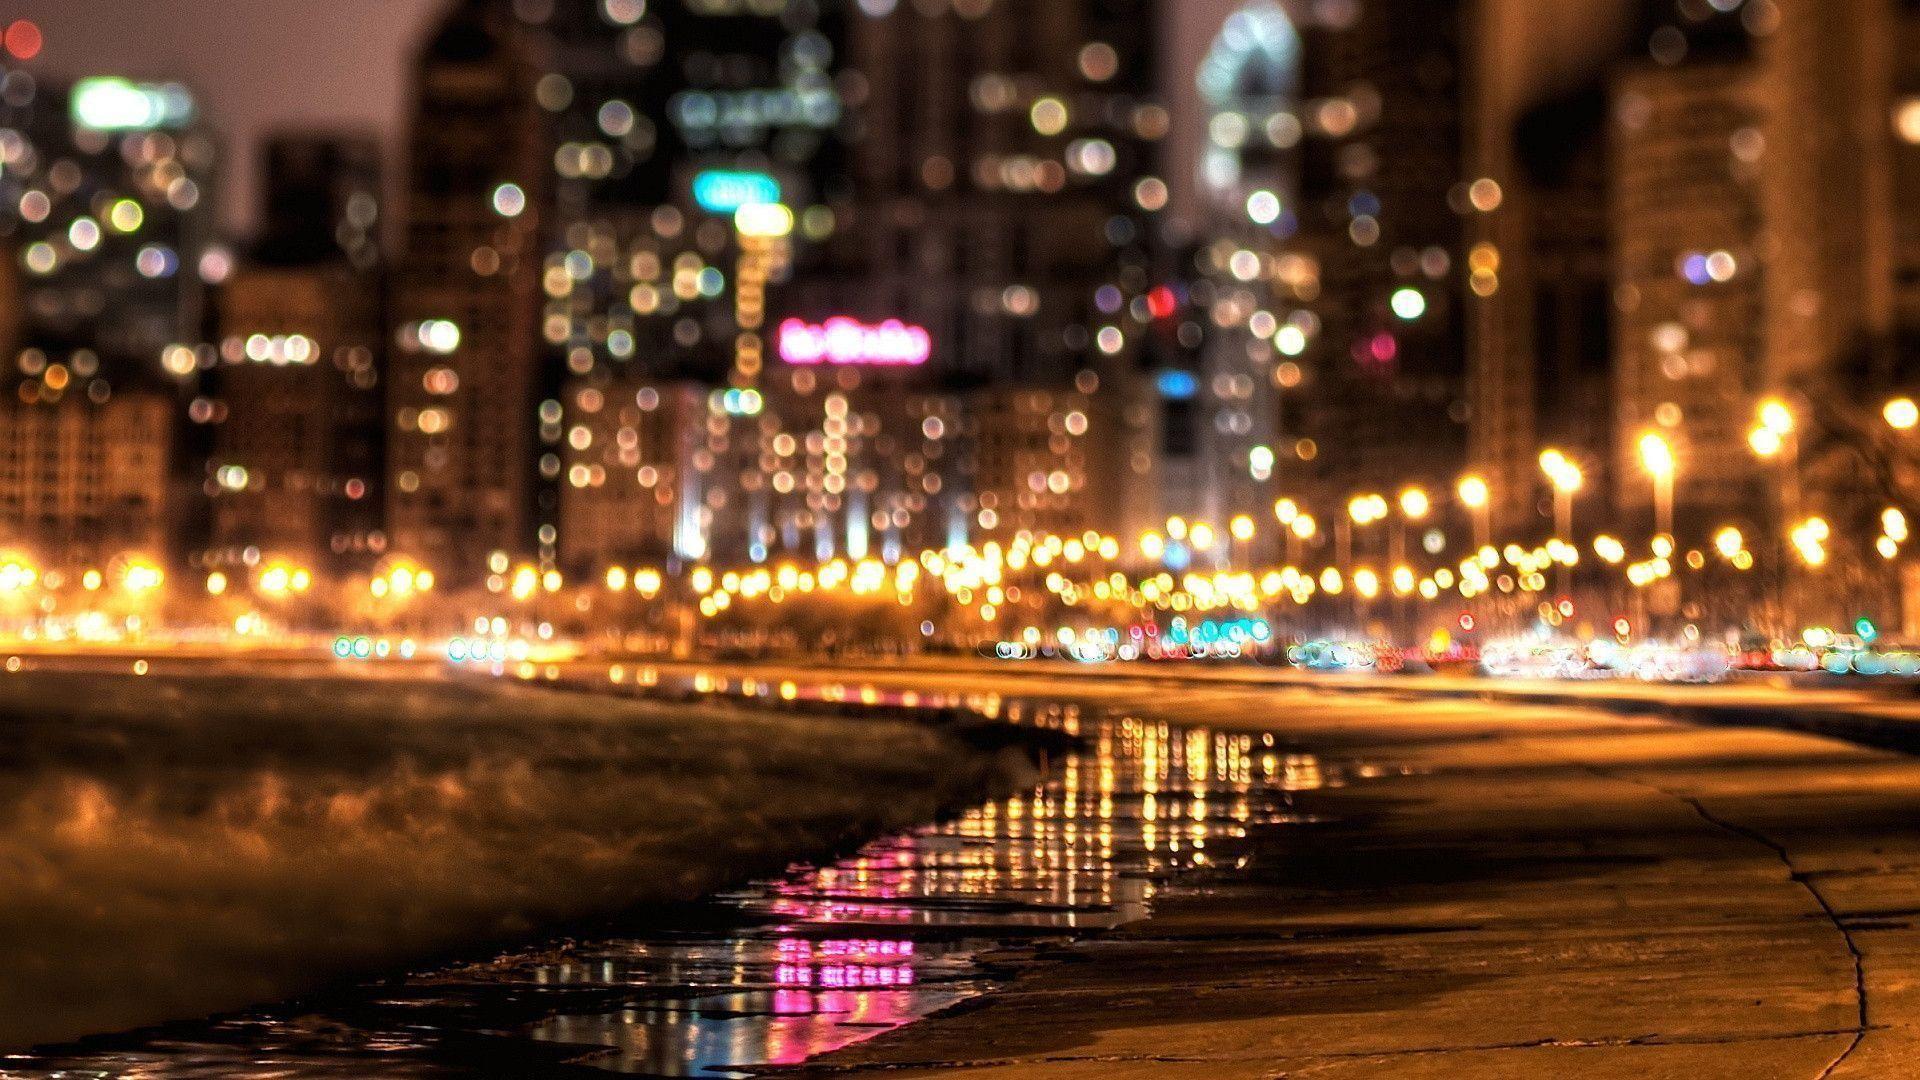 City Lights Wallpaper 19201080 City Lights Wallpaper Urban Landscape Photography City Lights